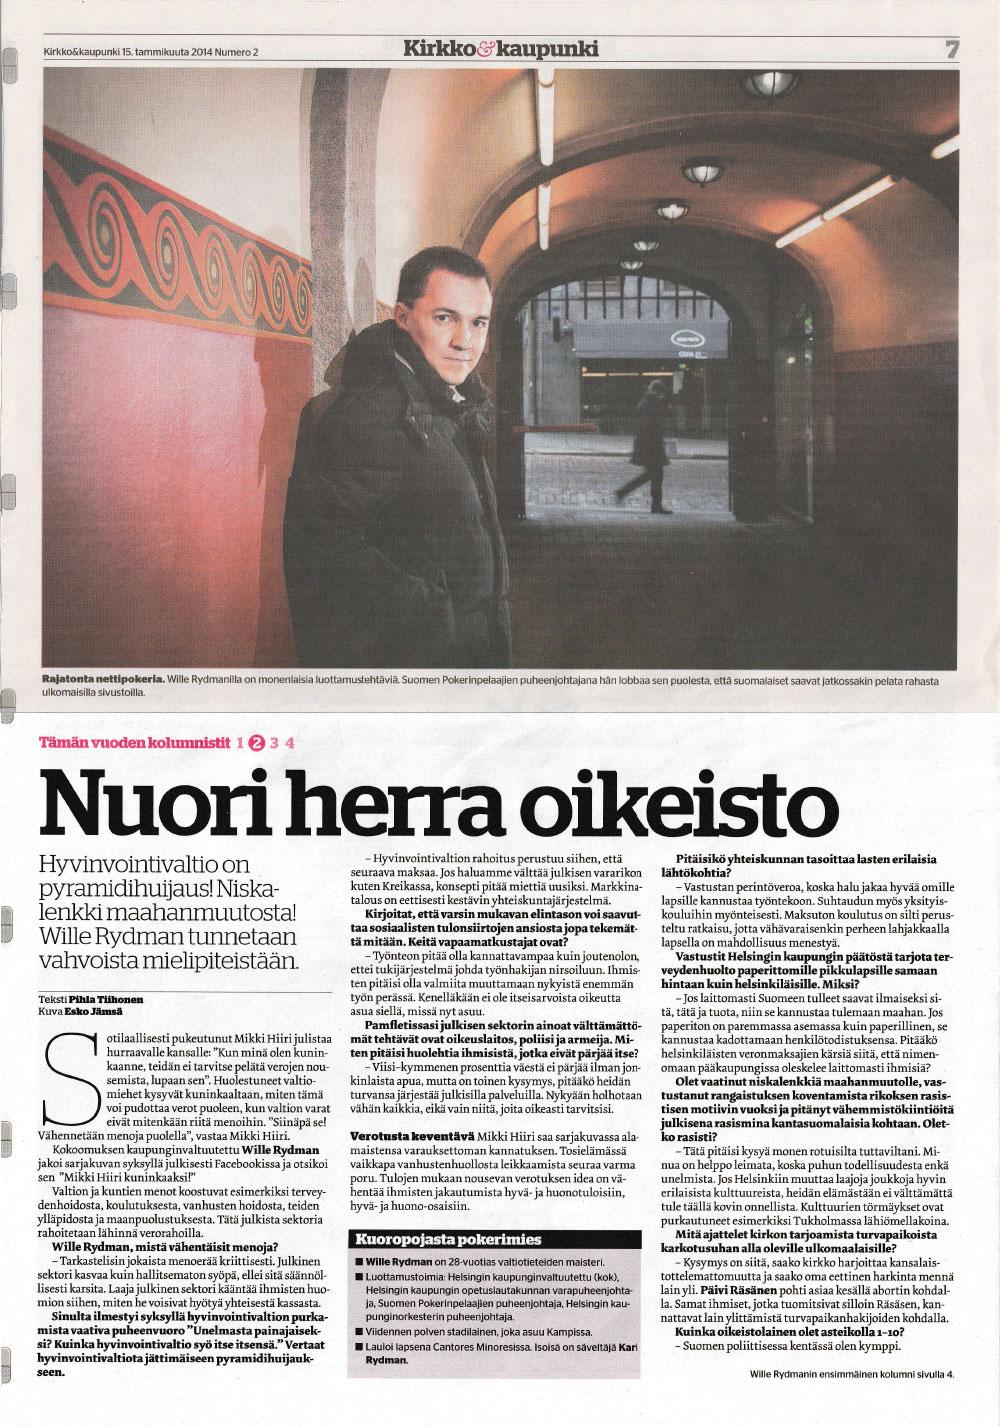 NUORI HERRA OIKEISTO - Kirkko & Kaupunki15.01.2014